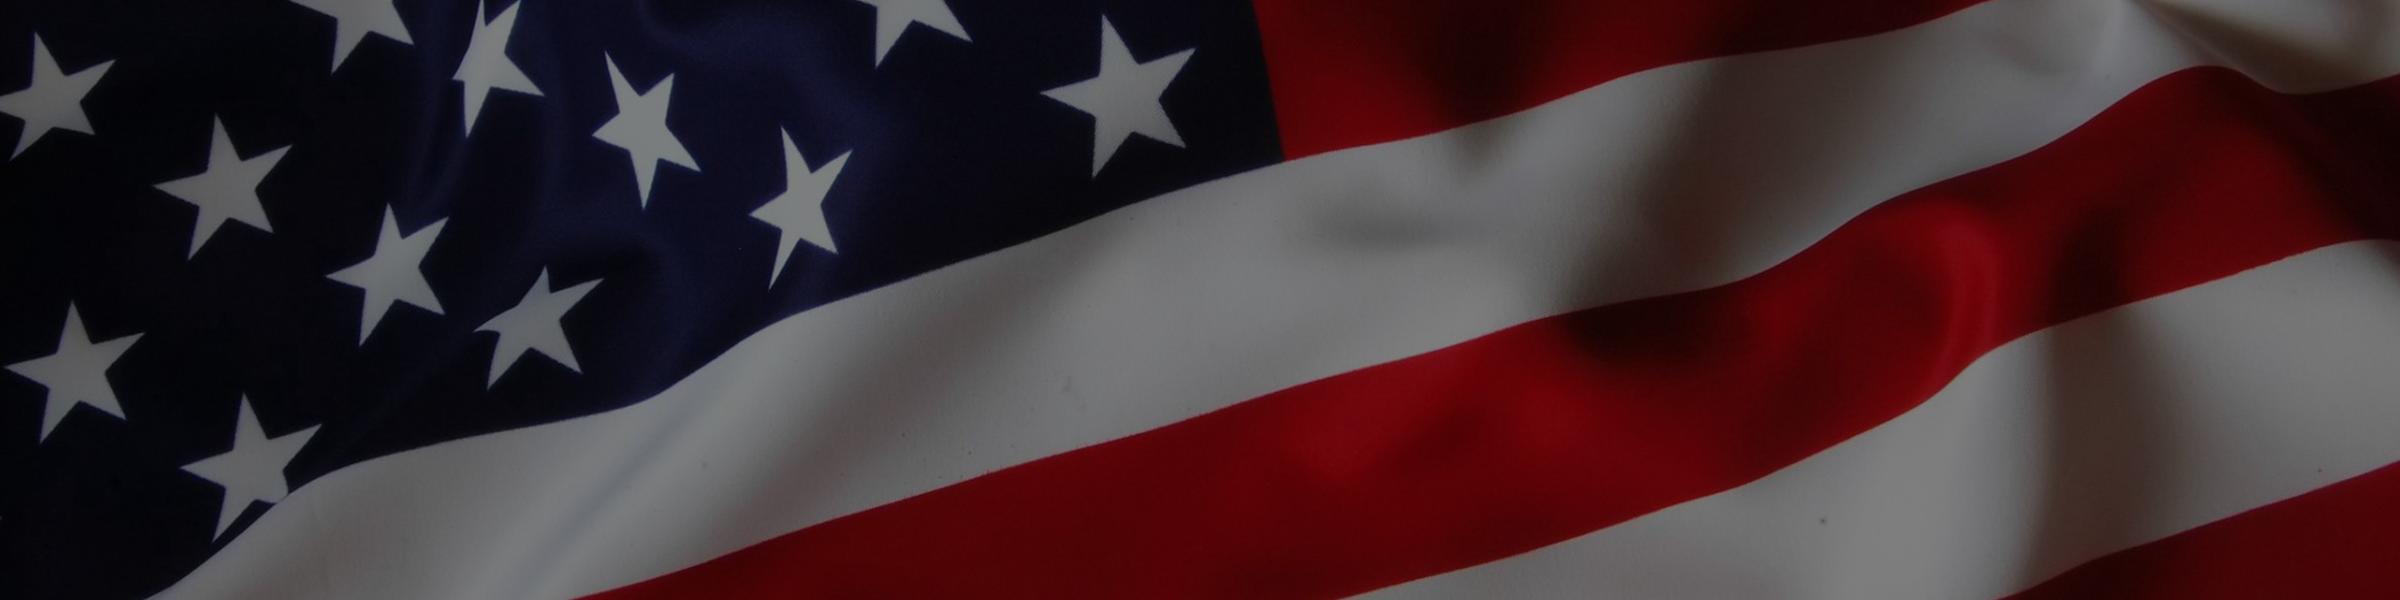 Весь цинизм политики США в одной цитате Гарри Трумэна